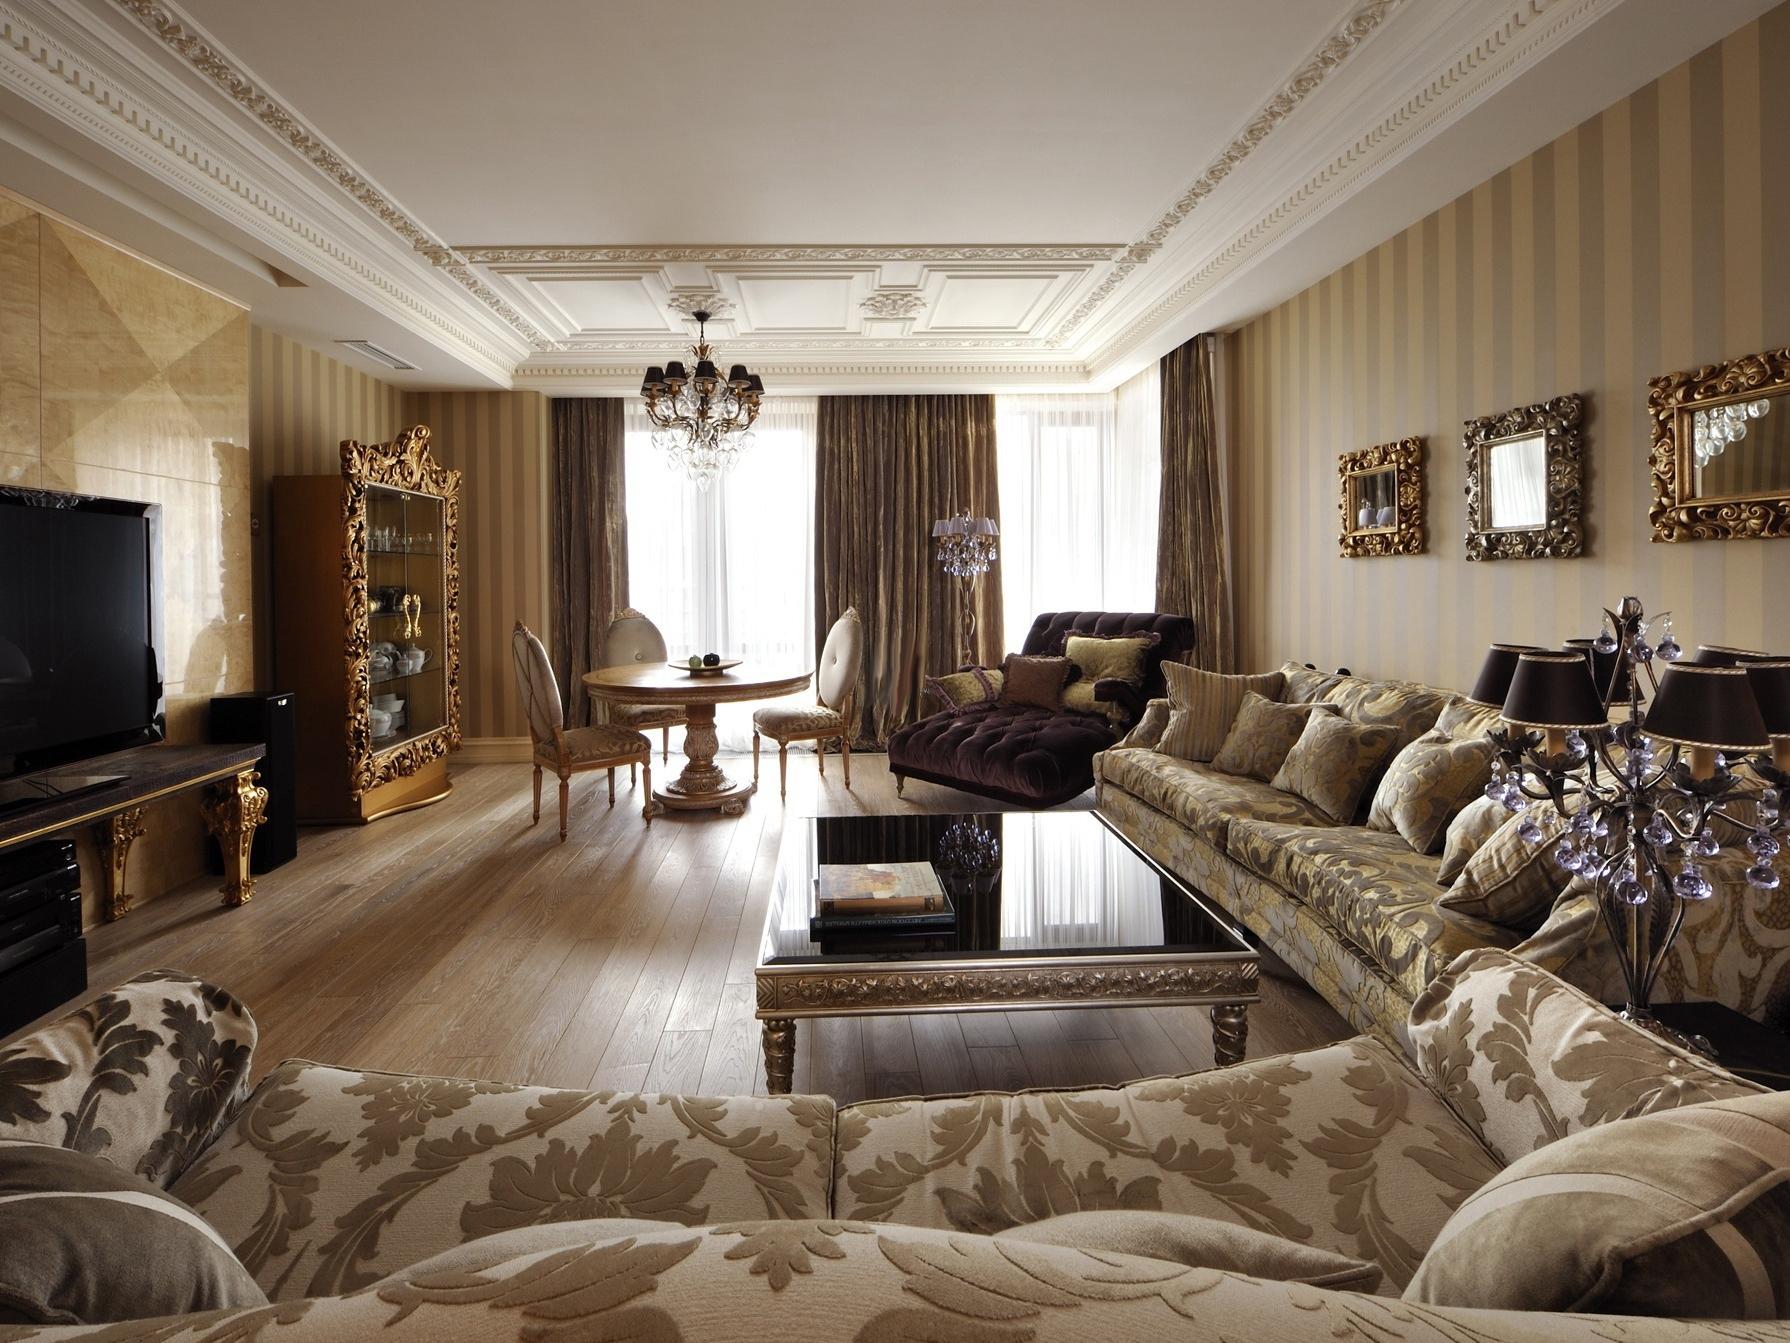 Роскошная мебель в уютной гостиной в стиле арт-деко